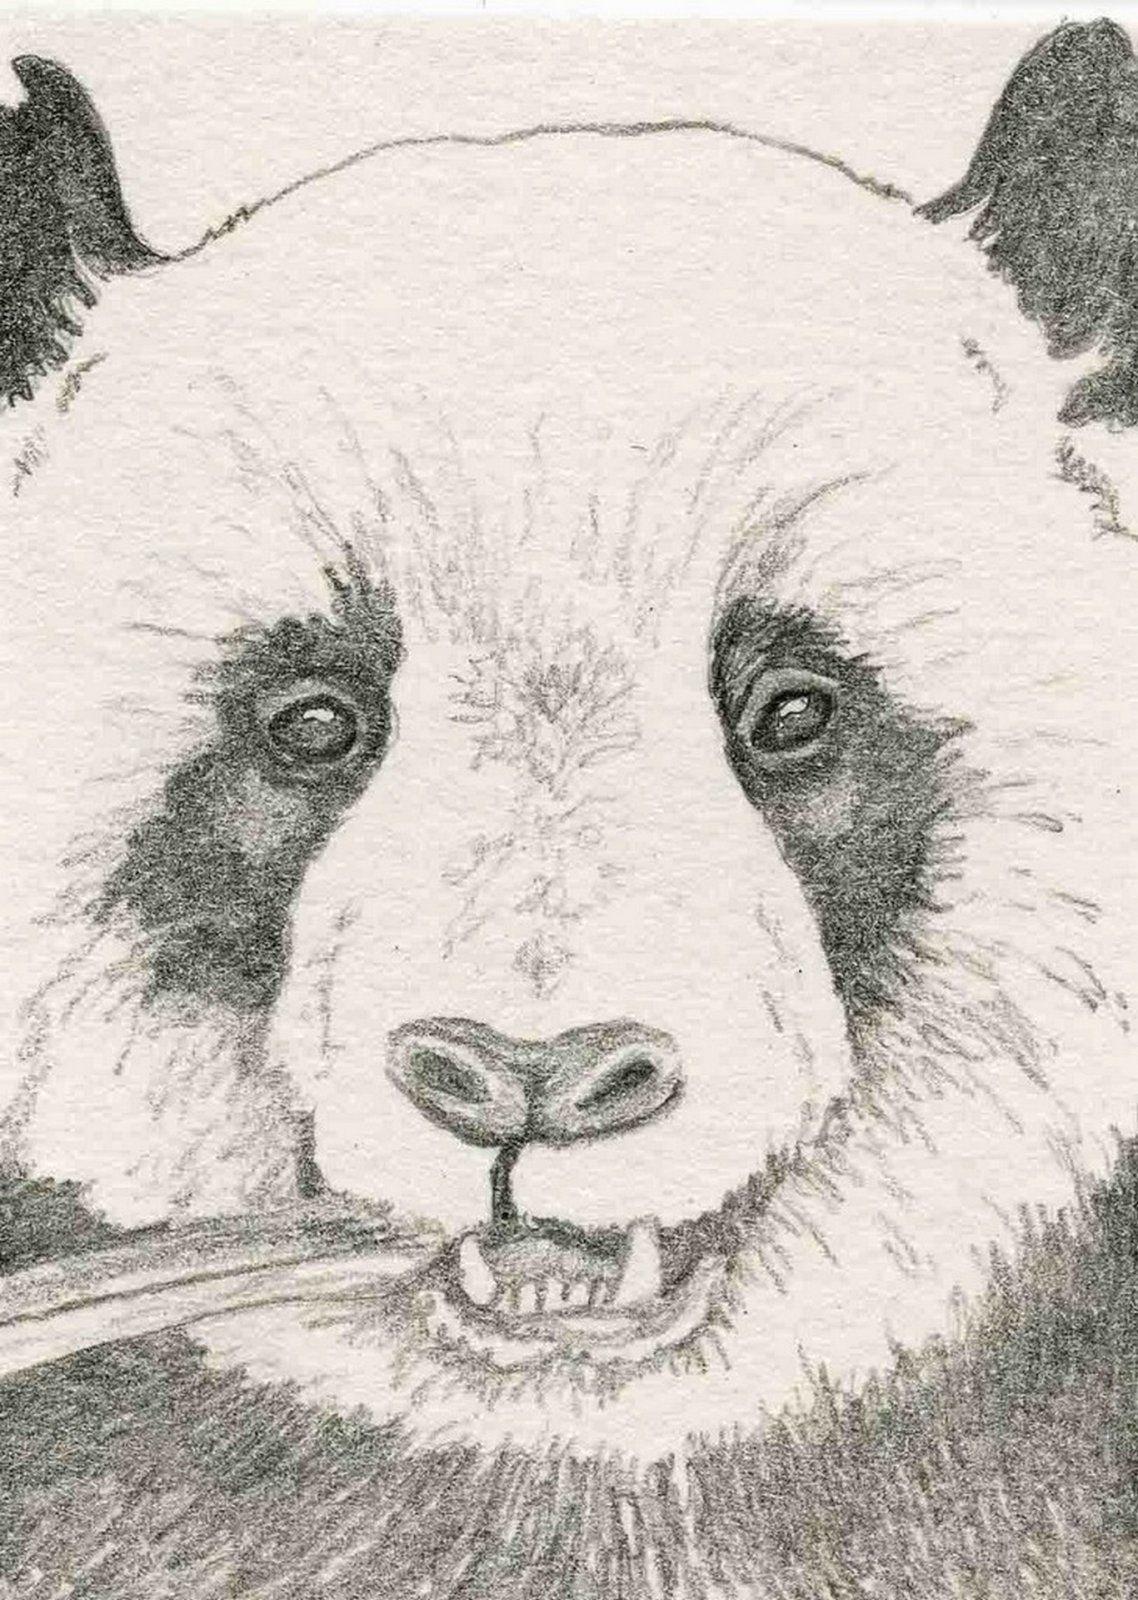 Pin Van Amber Buyle Op Dieren Tekenen Schilderen Dieren Tekenen Panda Tekening Tekenen